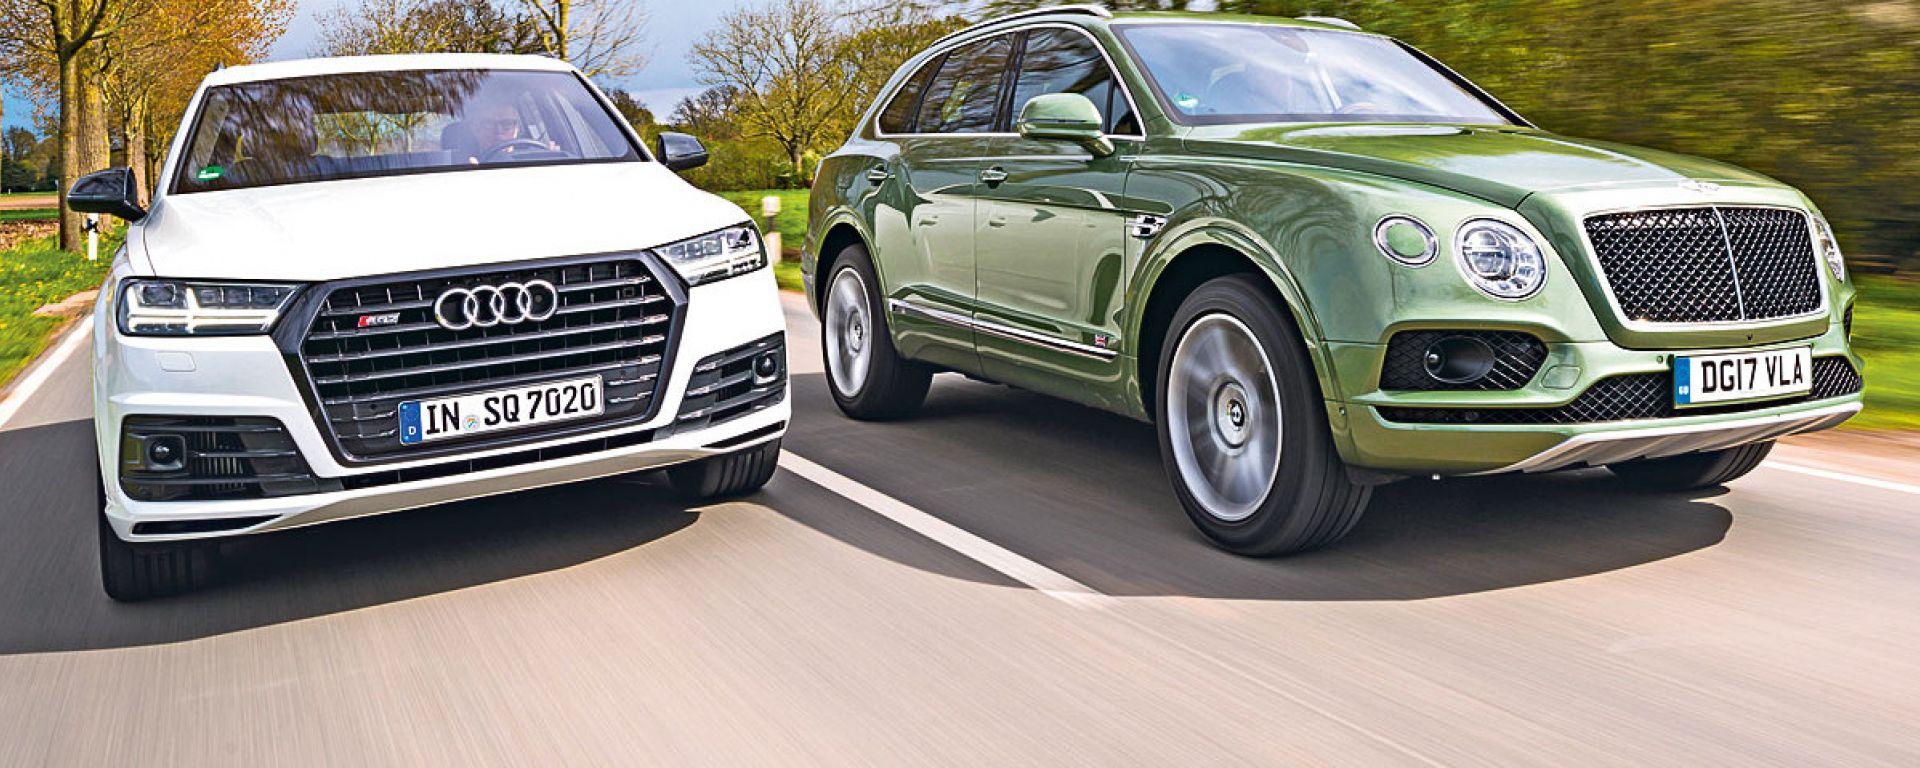 Audi Q7, Bentley Bentayga: sempre più parenti stretti